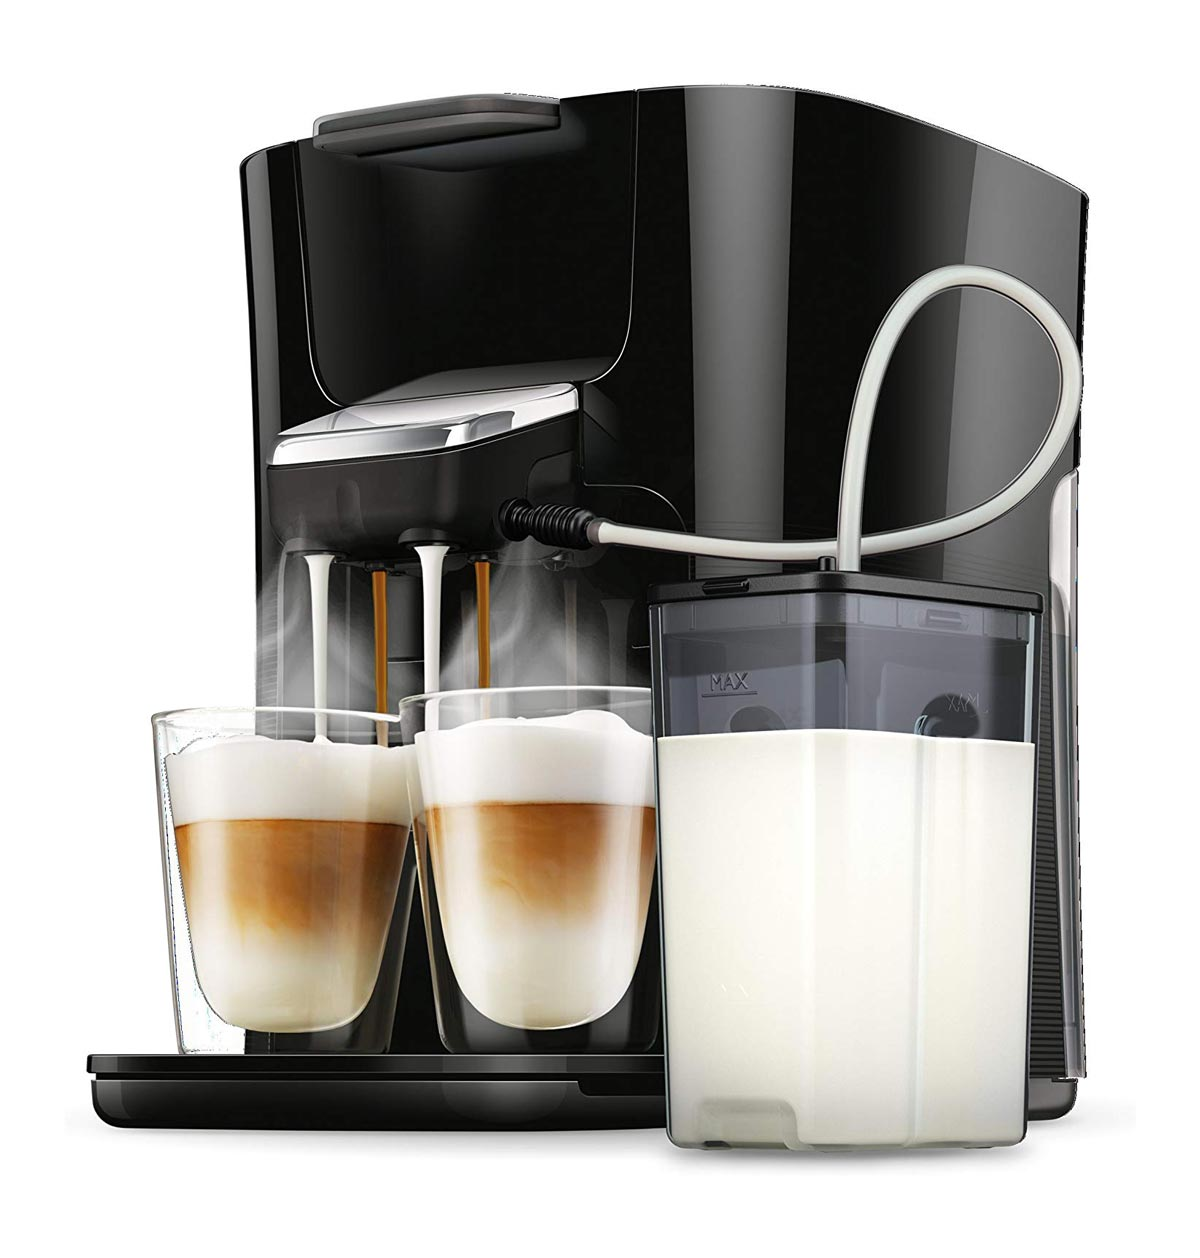 philips senseo hd6570 im test kaffeepadmaschinen im vergleichstest. Black Bedroom Furniture Sets. Home Design Ideas